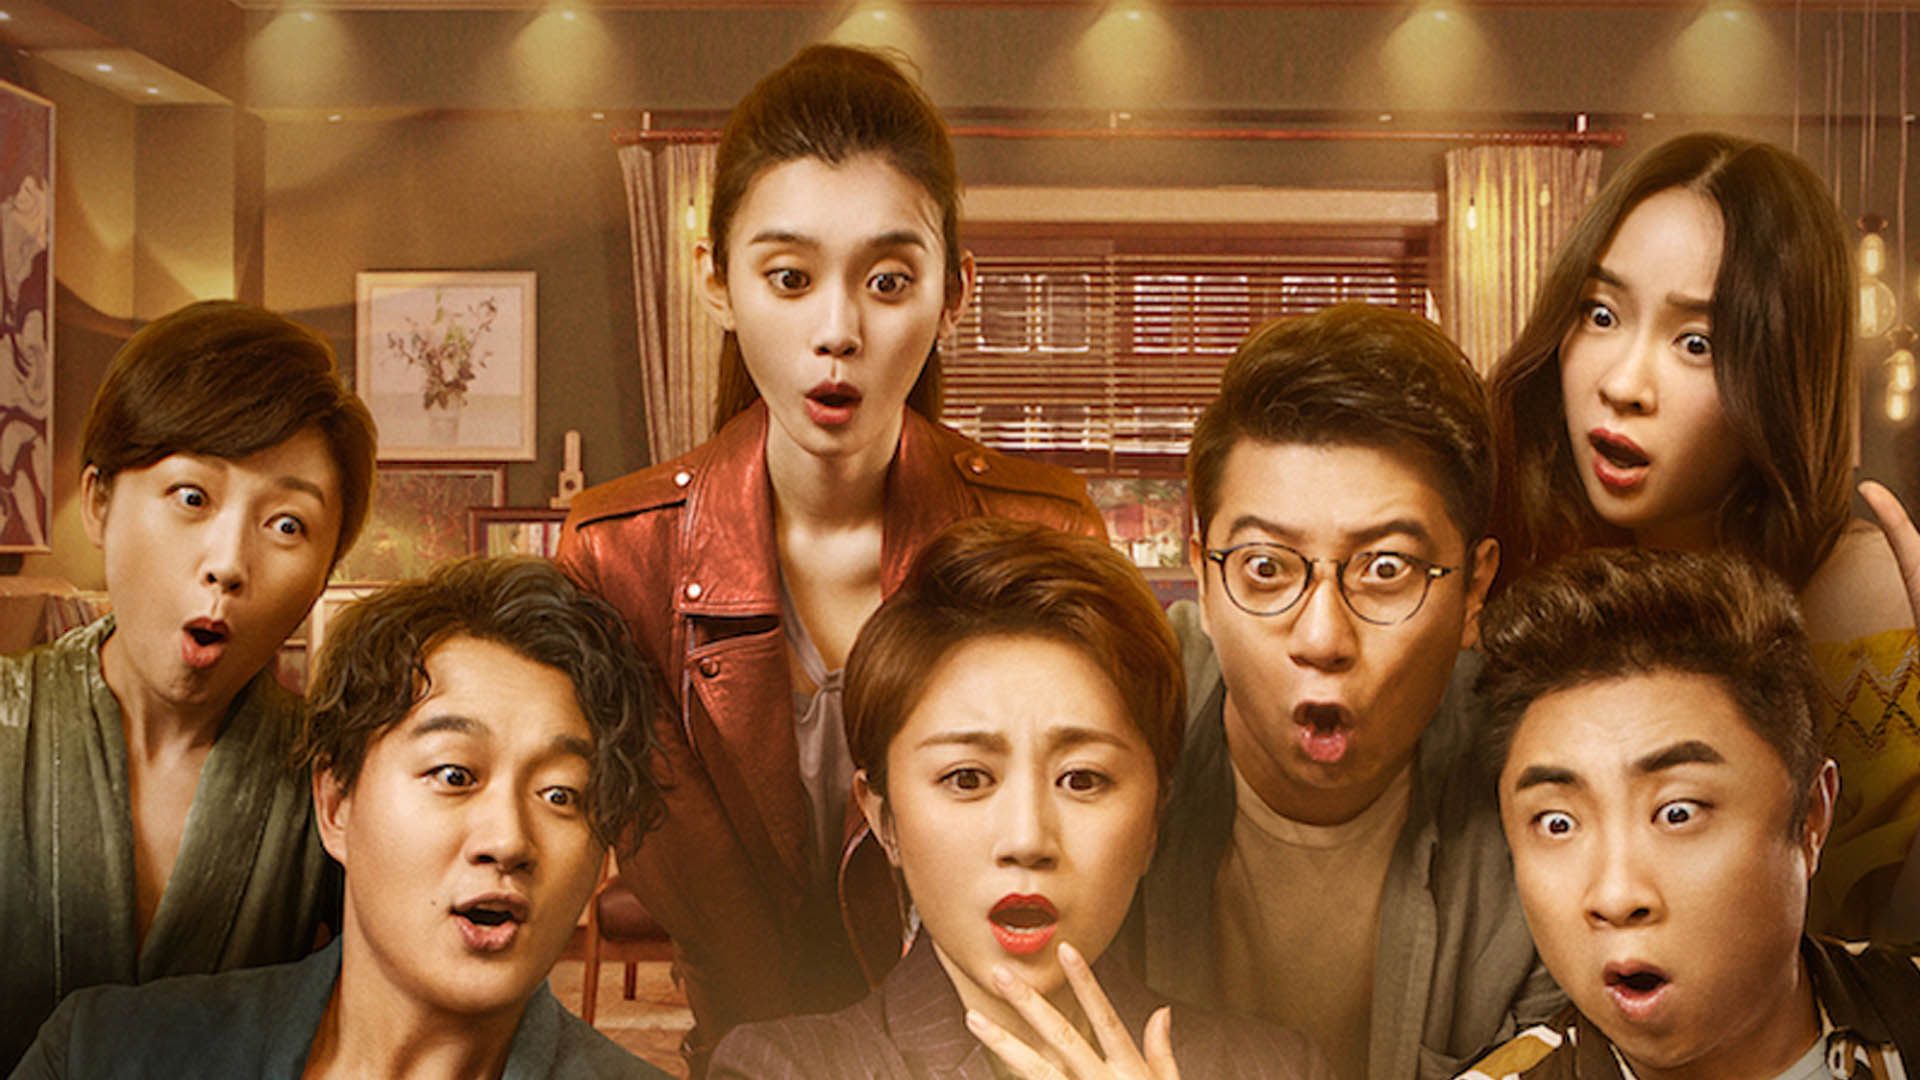 中国版的《完美陌生人》是什么样?12月29号就能看!